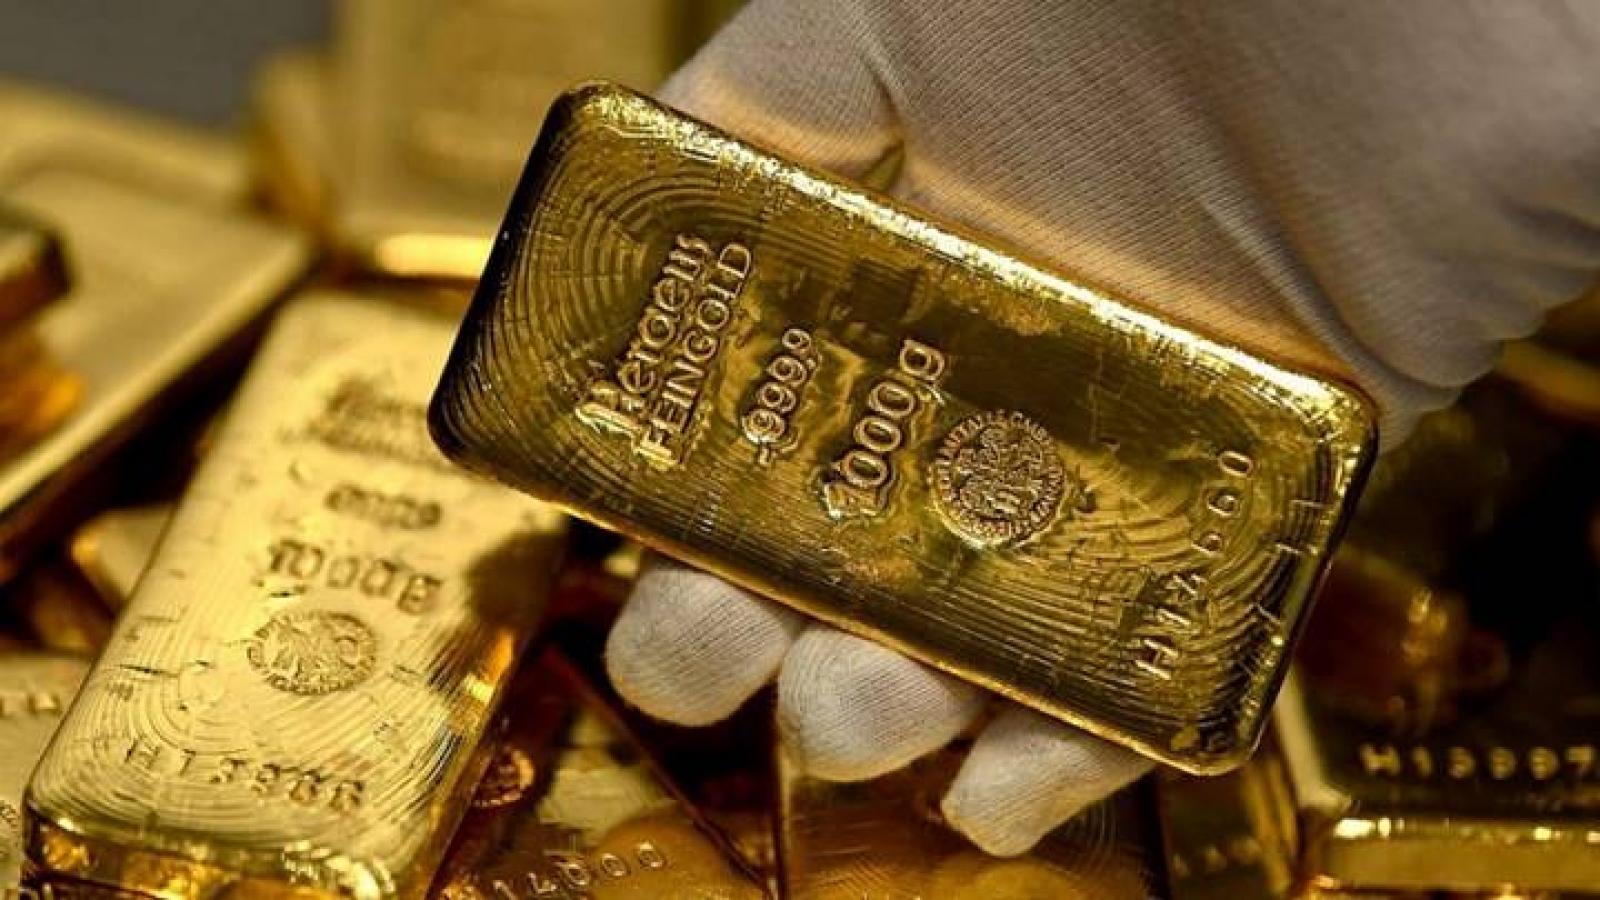 Giá vàng thế giới giảm nhẹ, vàng SJC vẫn trụ ở mức 57 triệu đồng/lượng